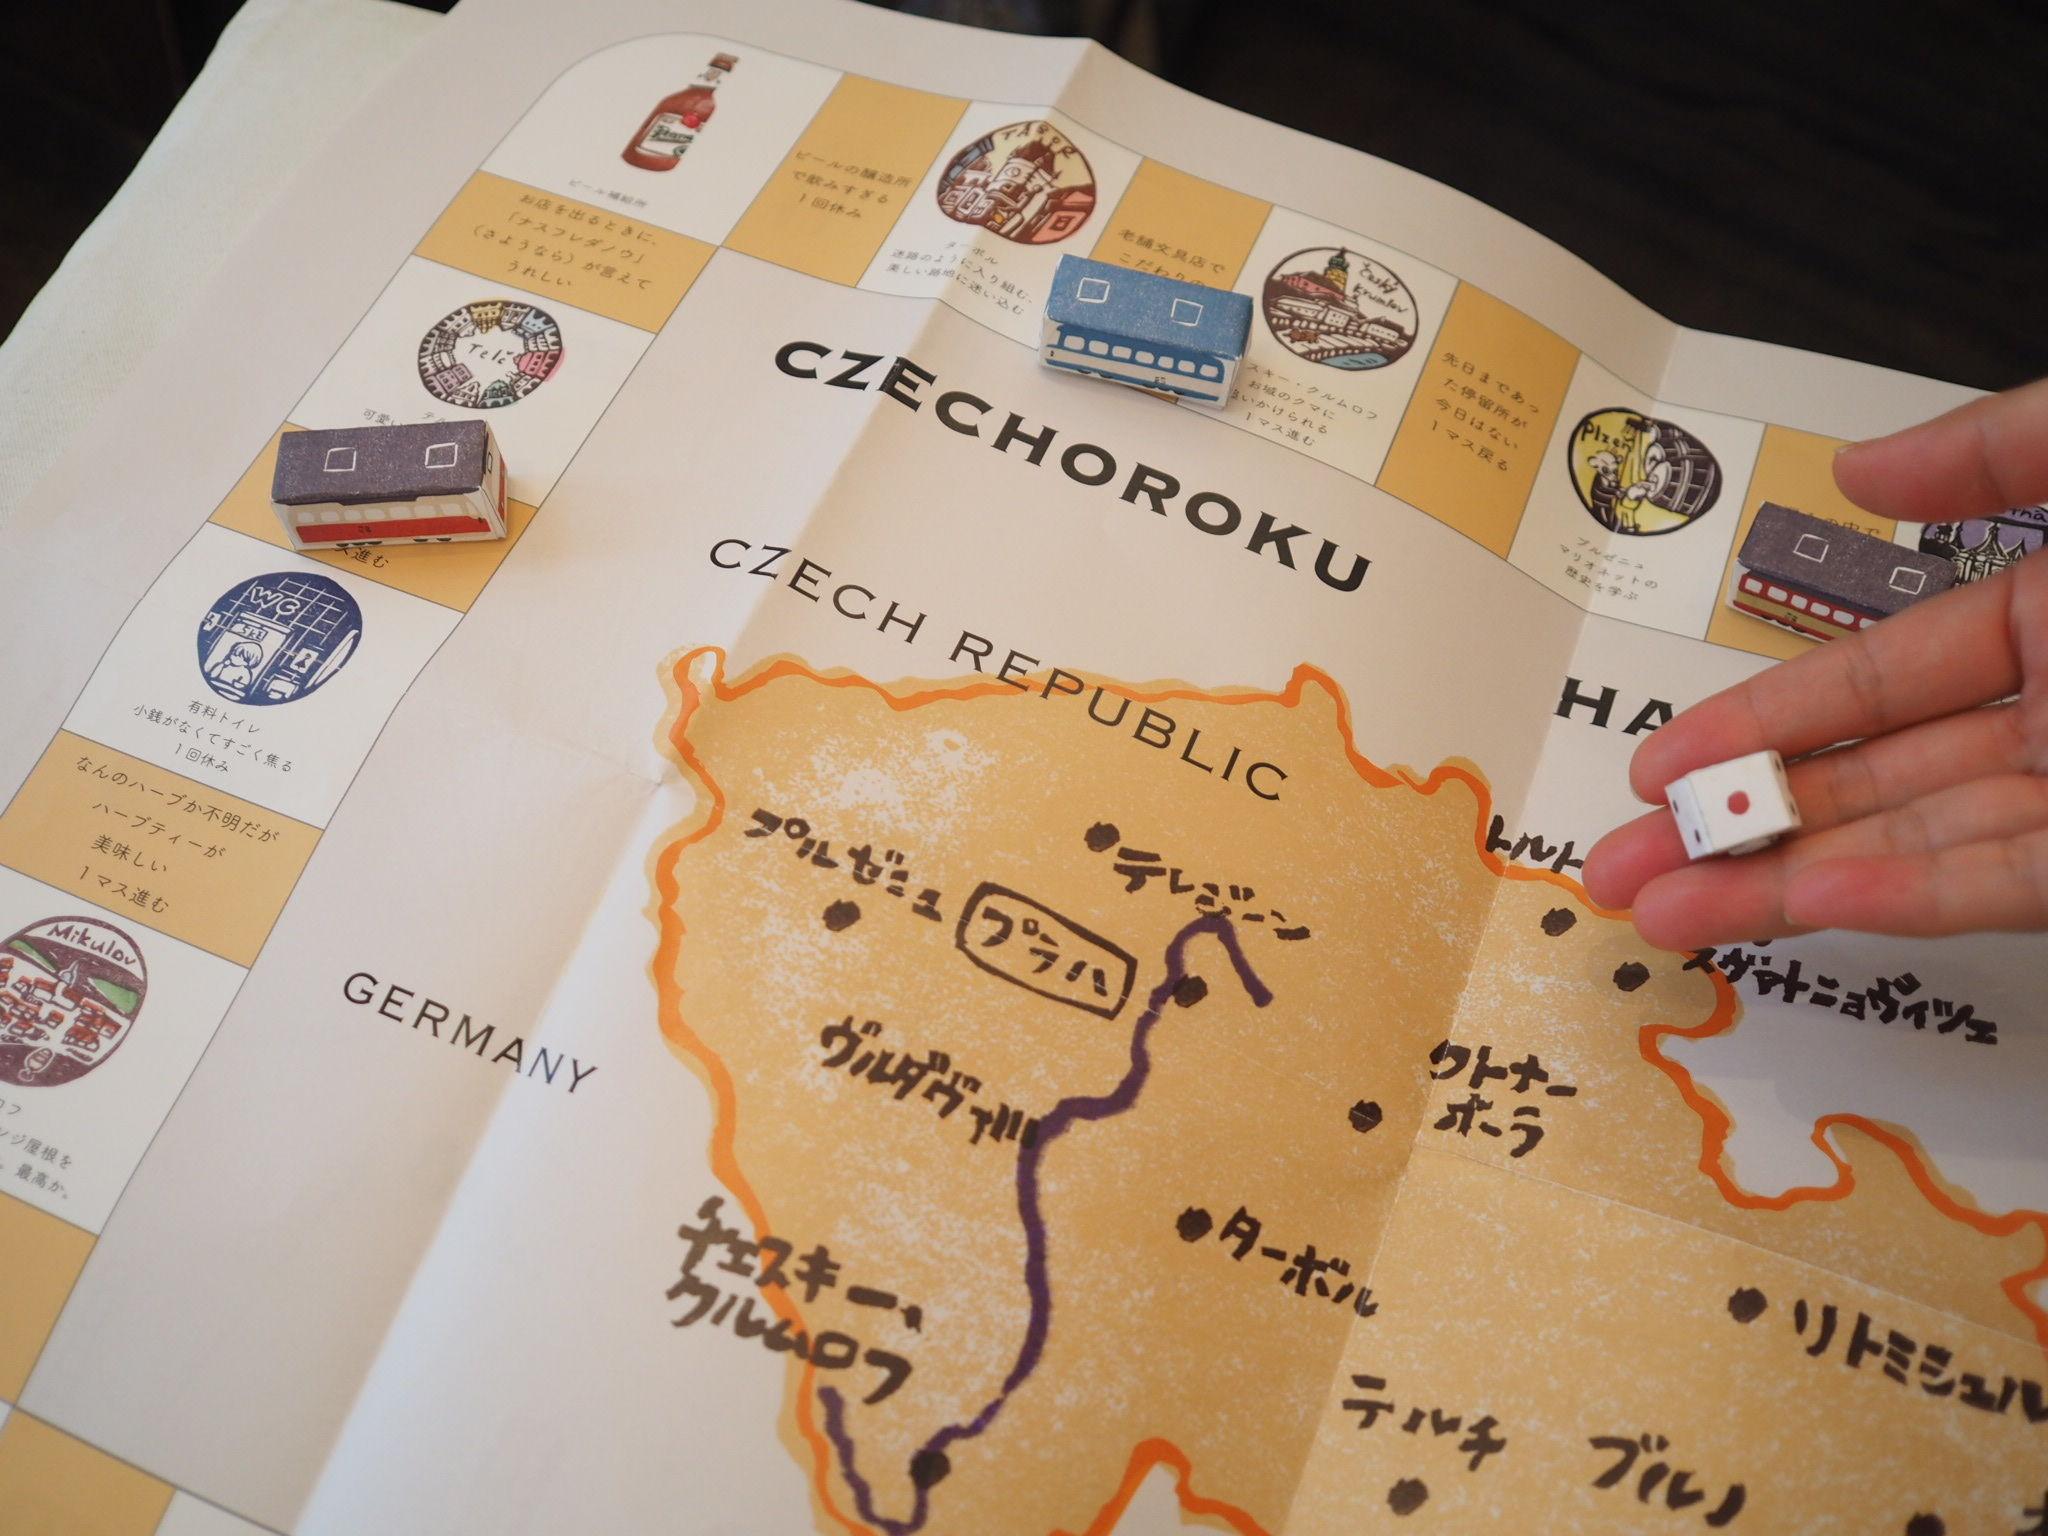 チェコの街をはんこで巡れるすごろく「チェコろく」